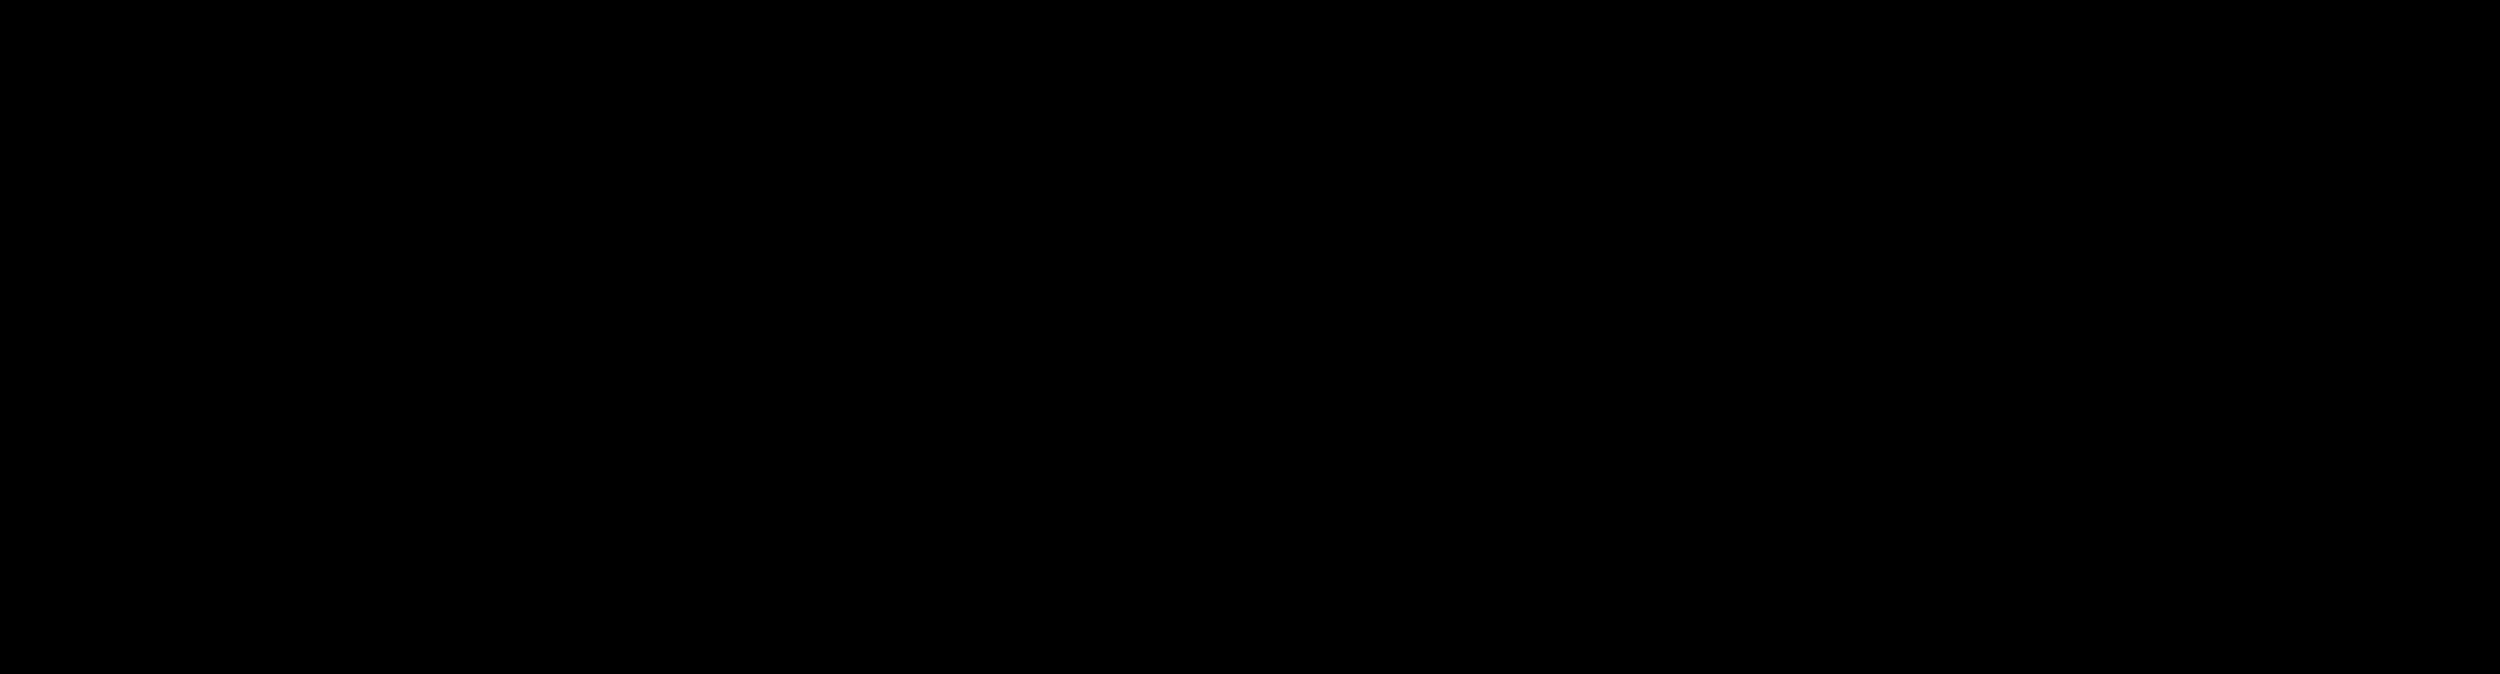 Longroom_Logo_Black.png